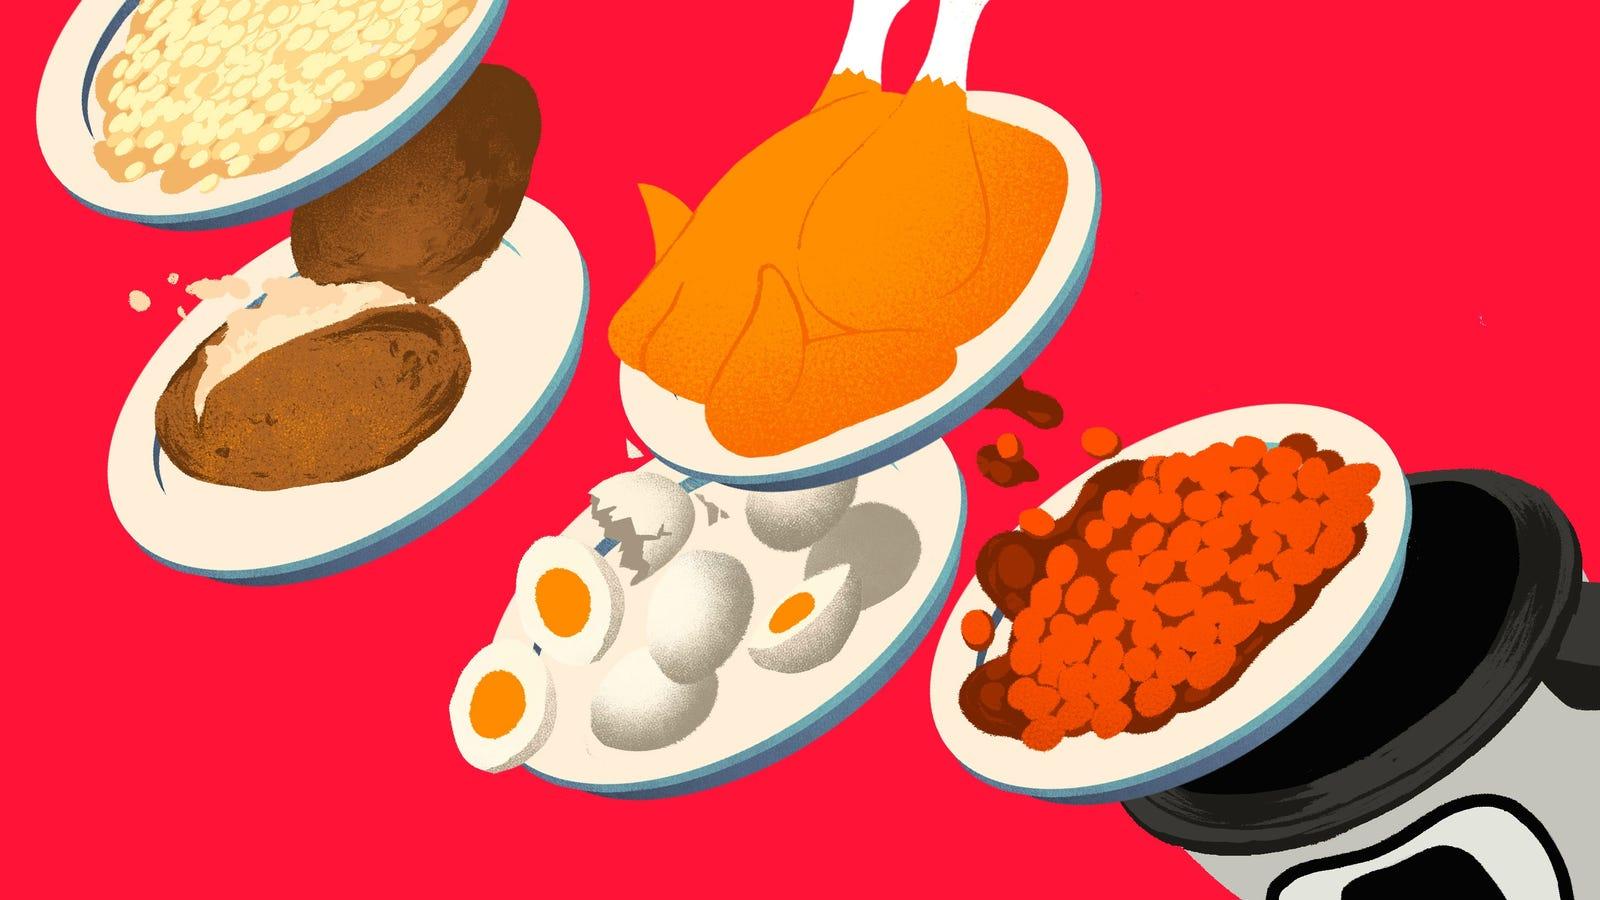 16 Interesting Cartoon Recipes to Try pics